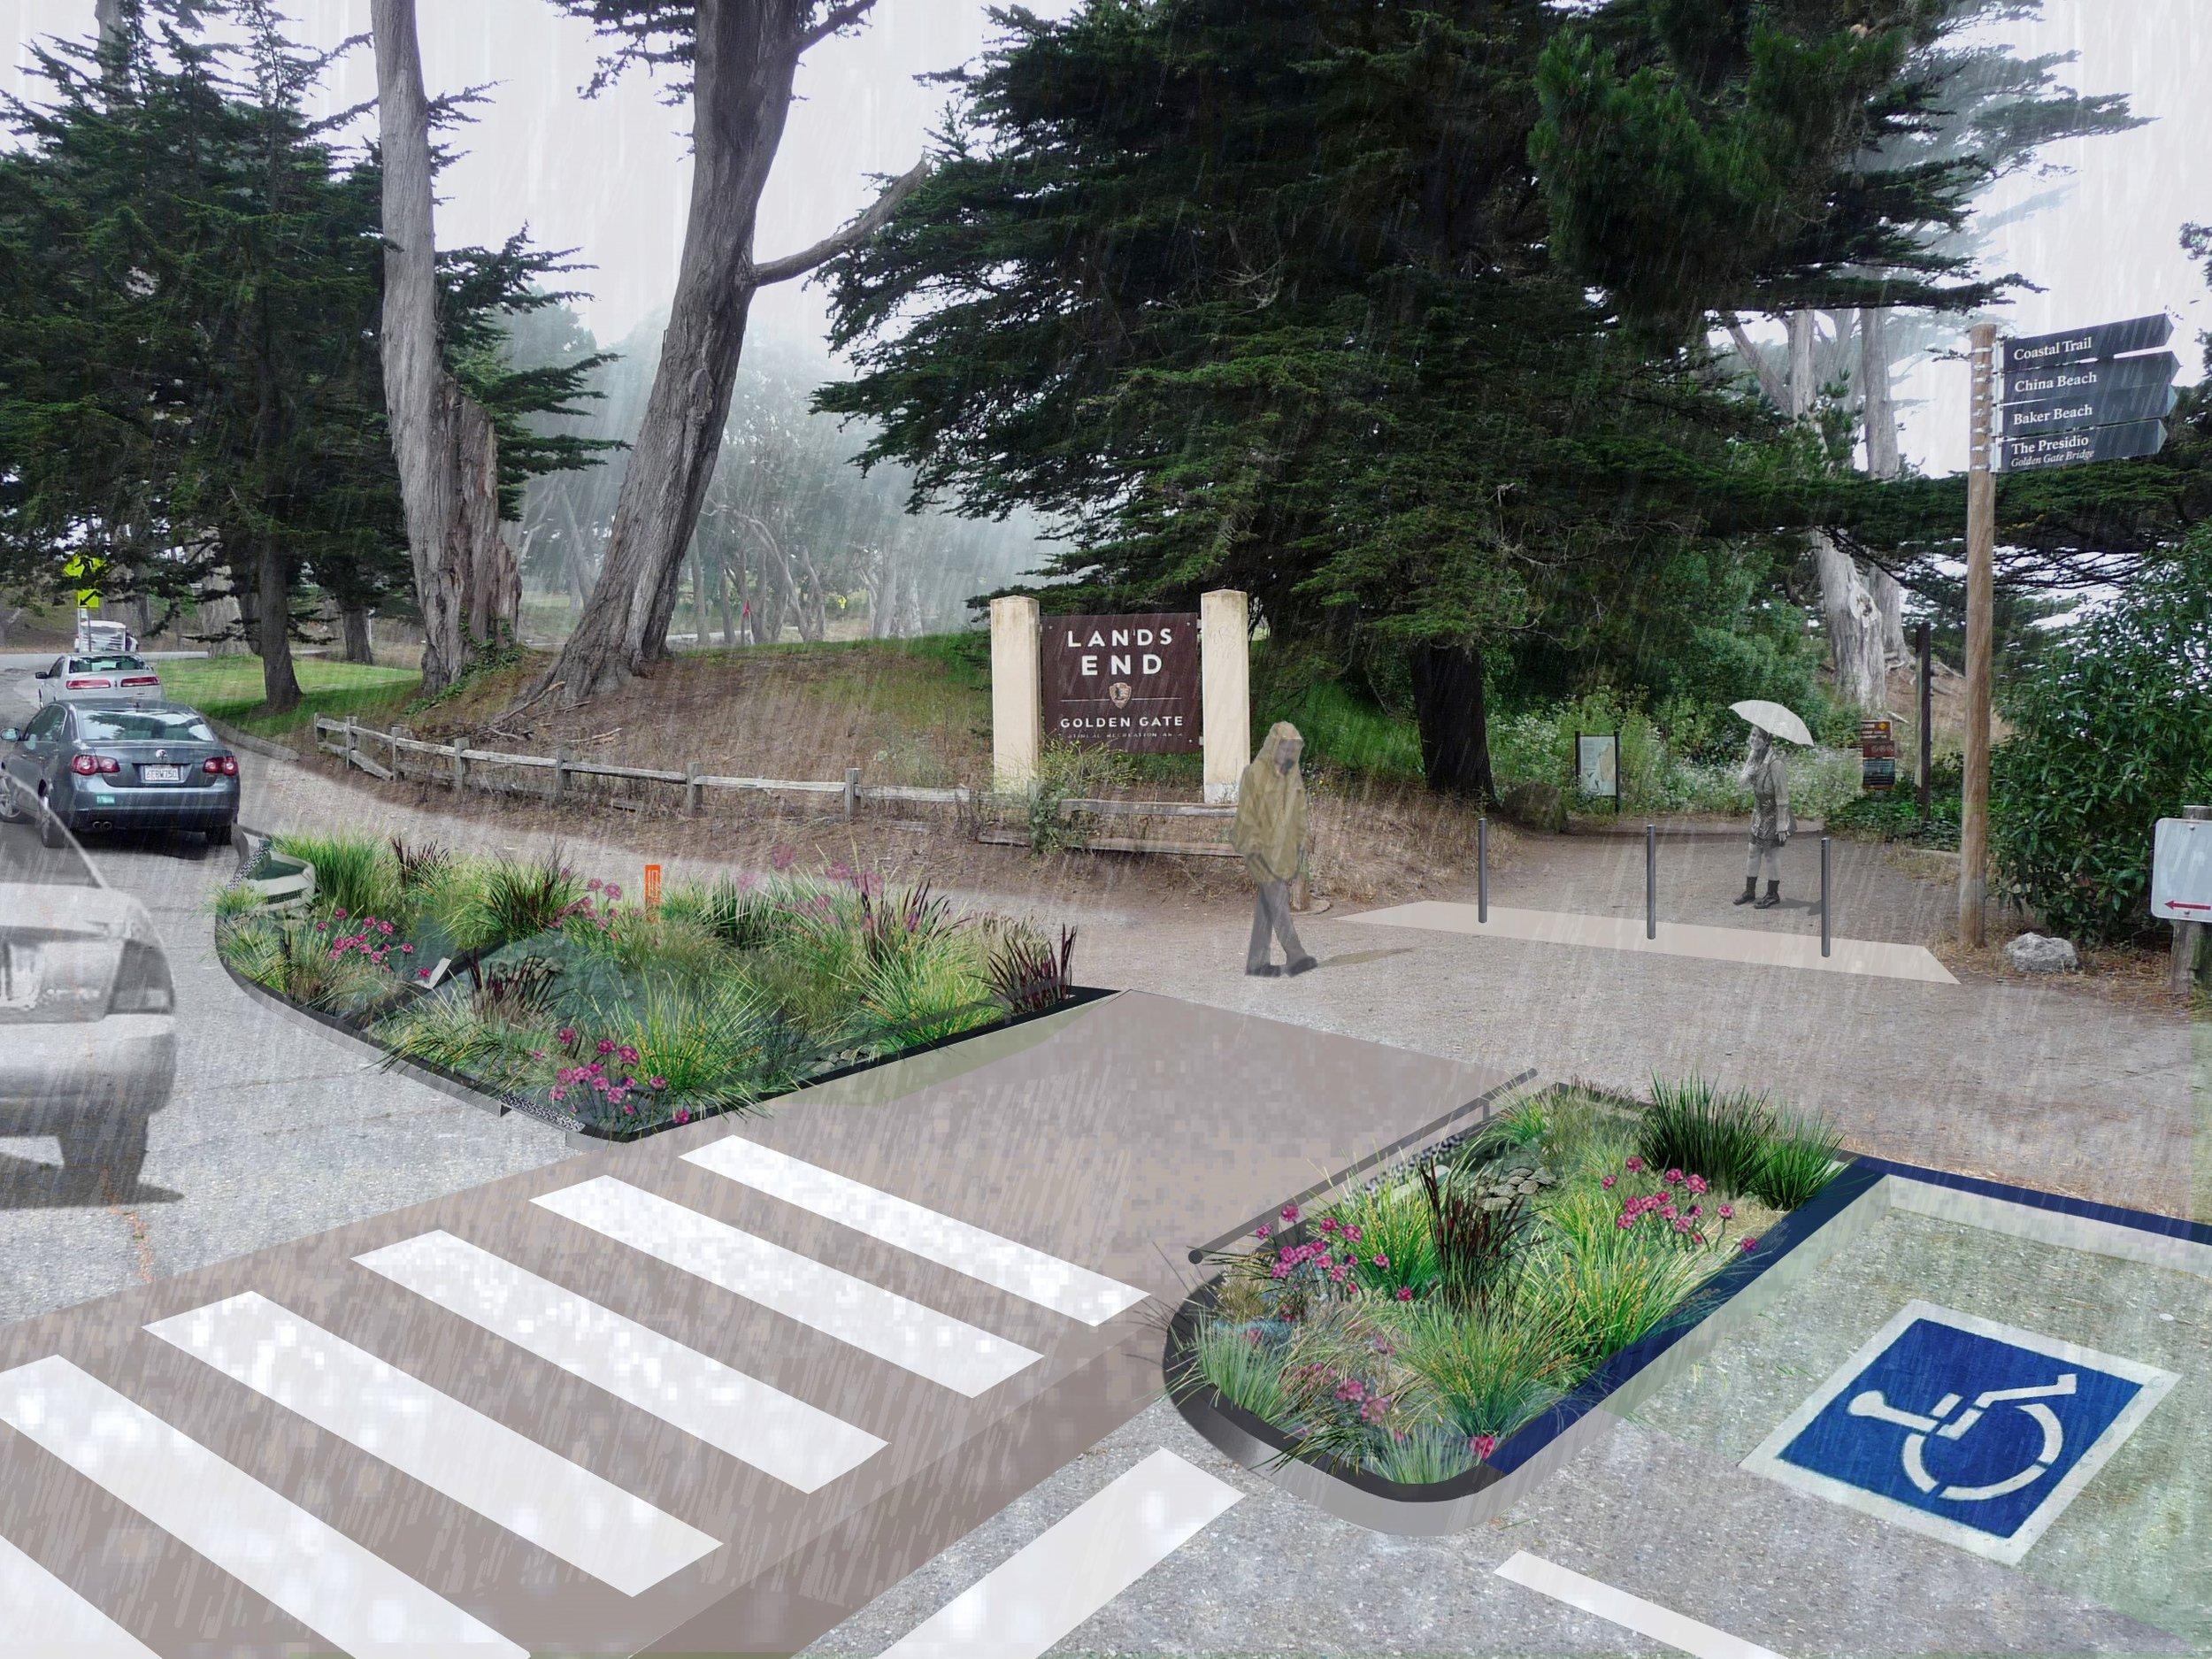 rain gardens @ land's end trailhead